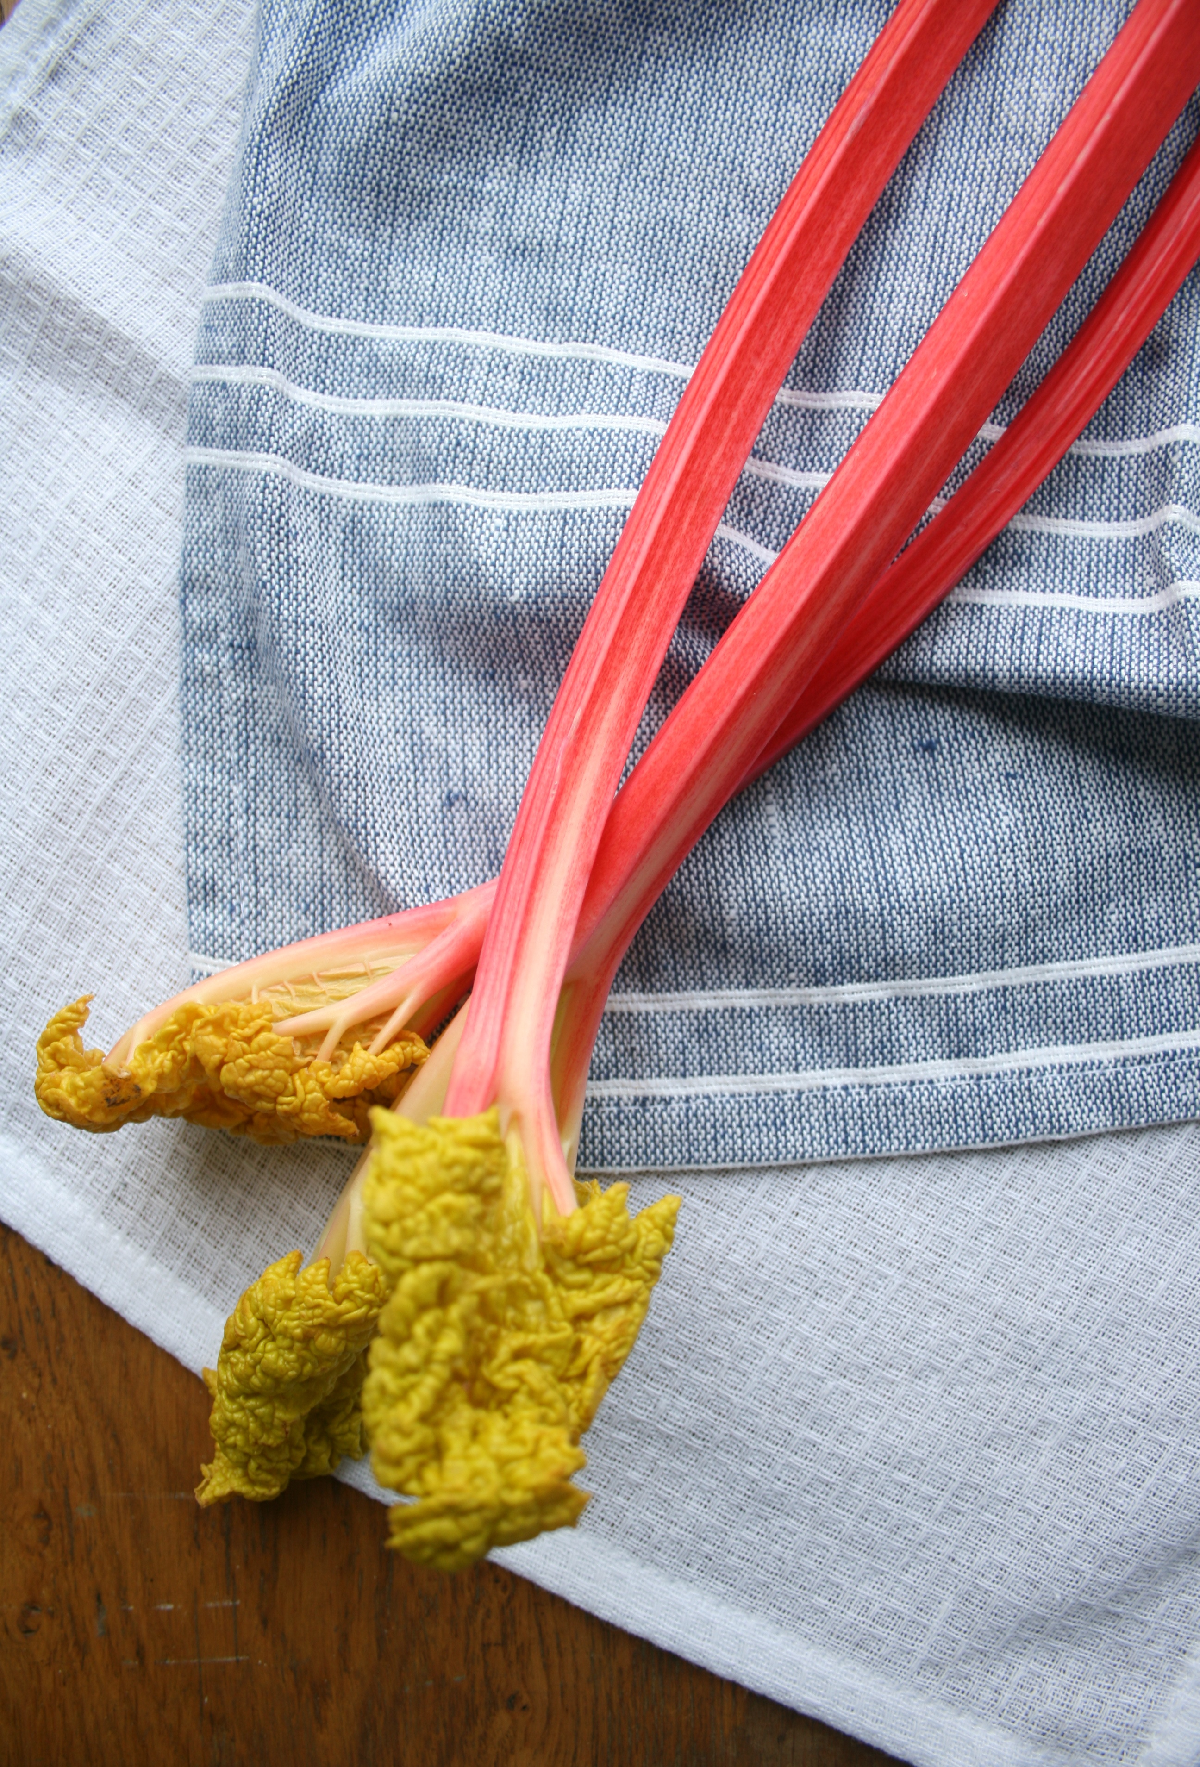 Rhubarb and Custard Tartlets - an uncomplicated dessert for a little indulgent treat | eatloveeats.com